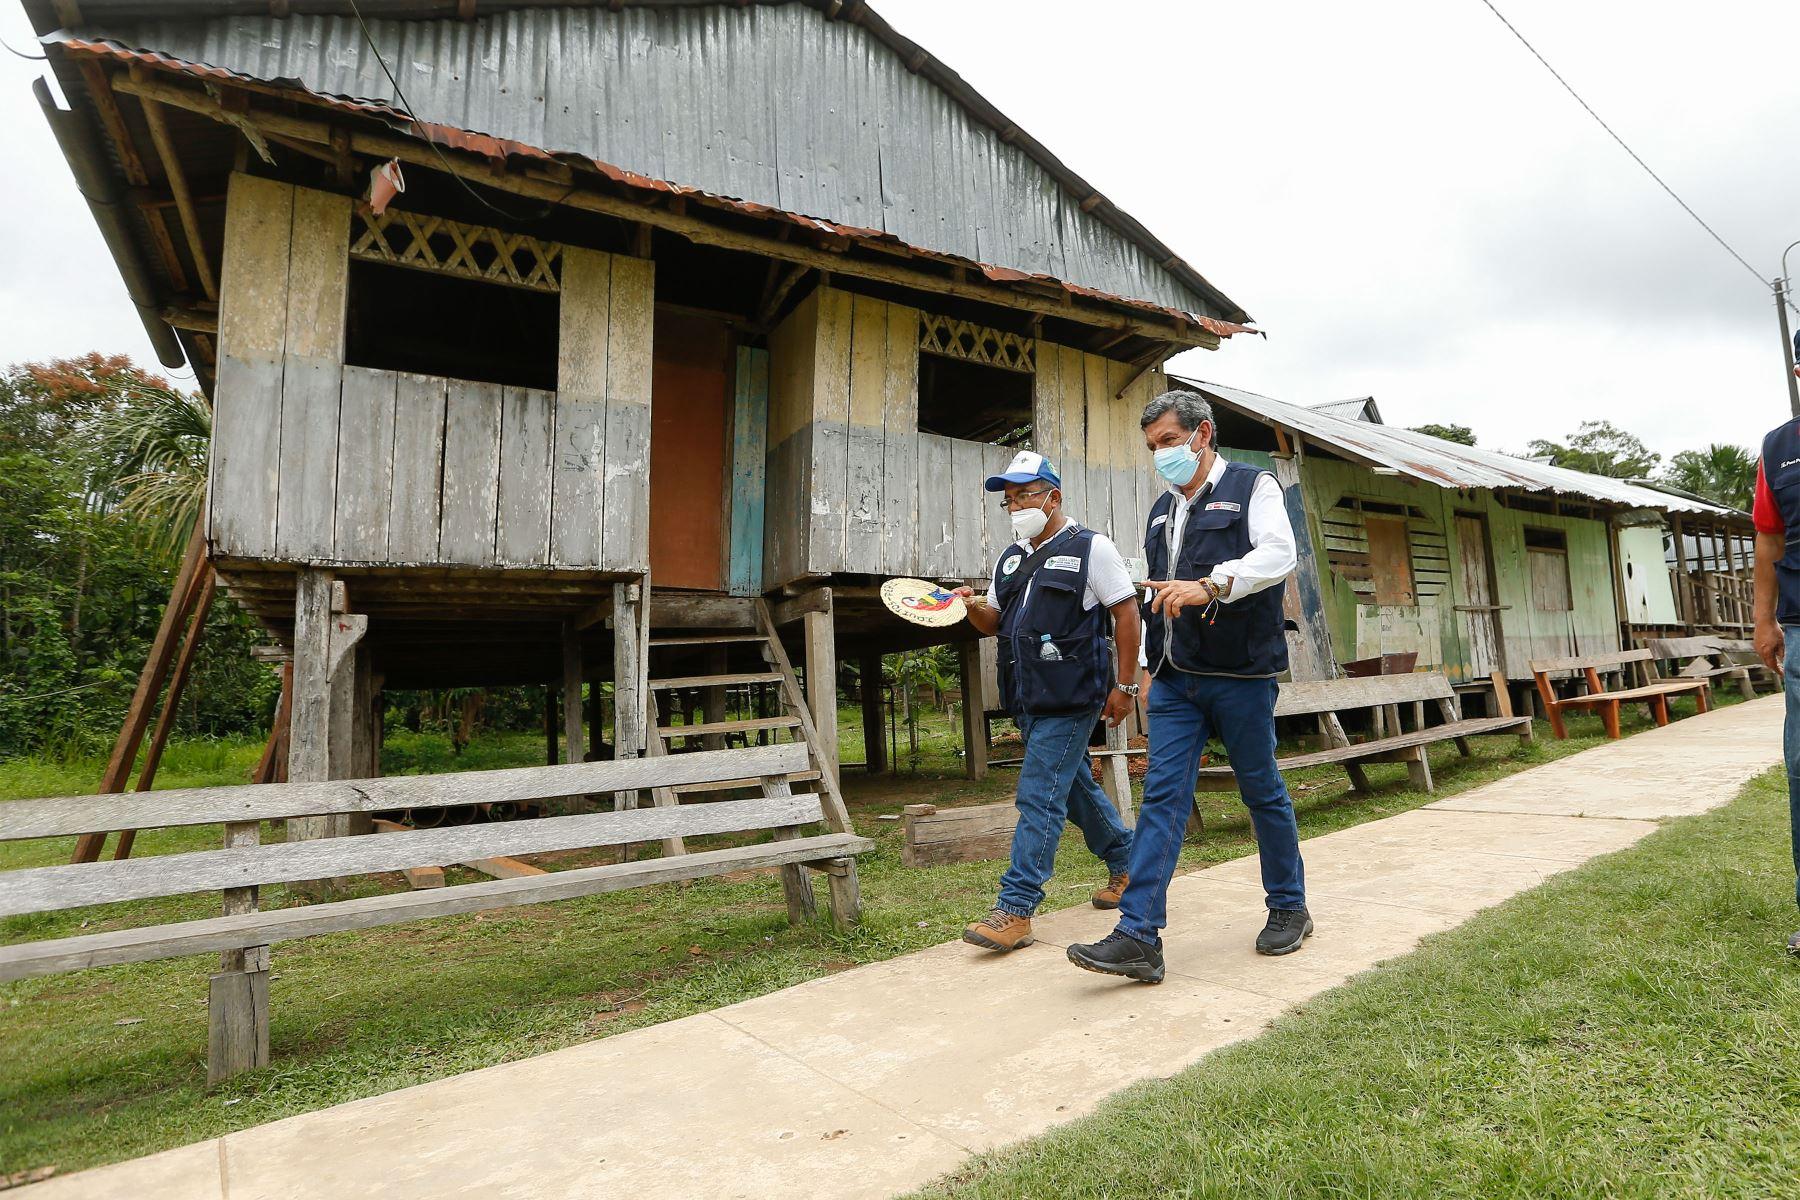 El ministro de Salud, Hernando Cevallos, visita Loreto para supervisar vacunación contra la Covid-19. Foto: ANDINA/ MINSA